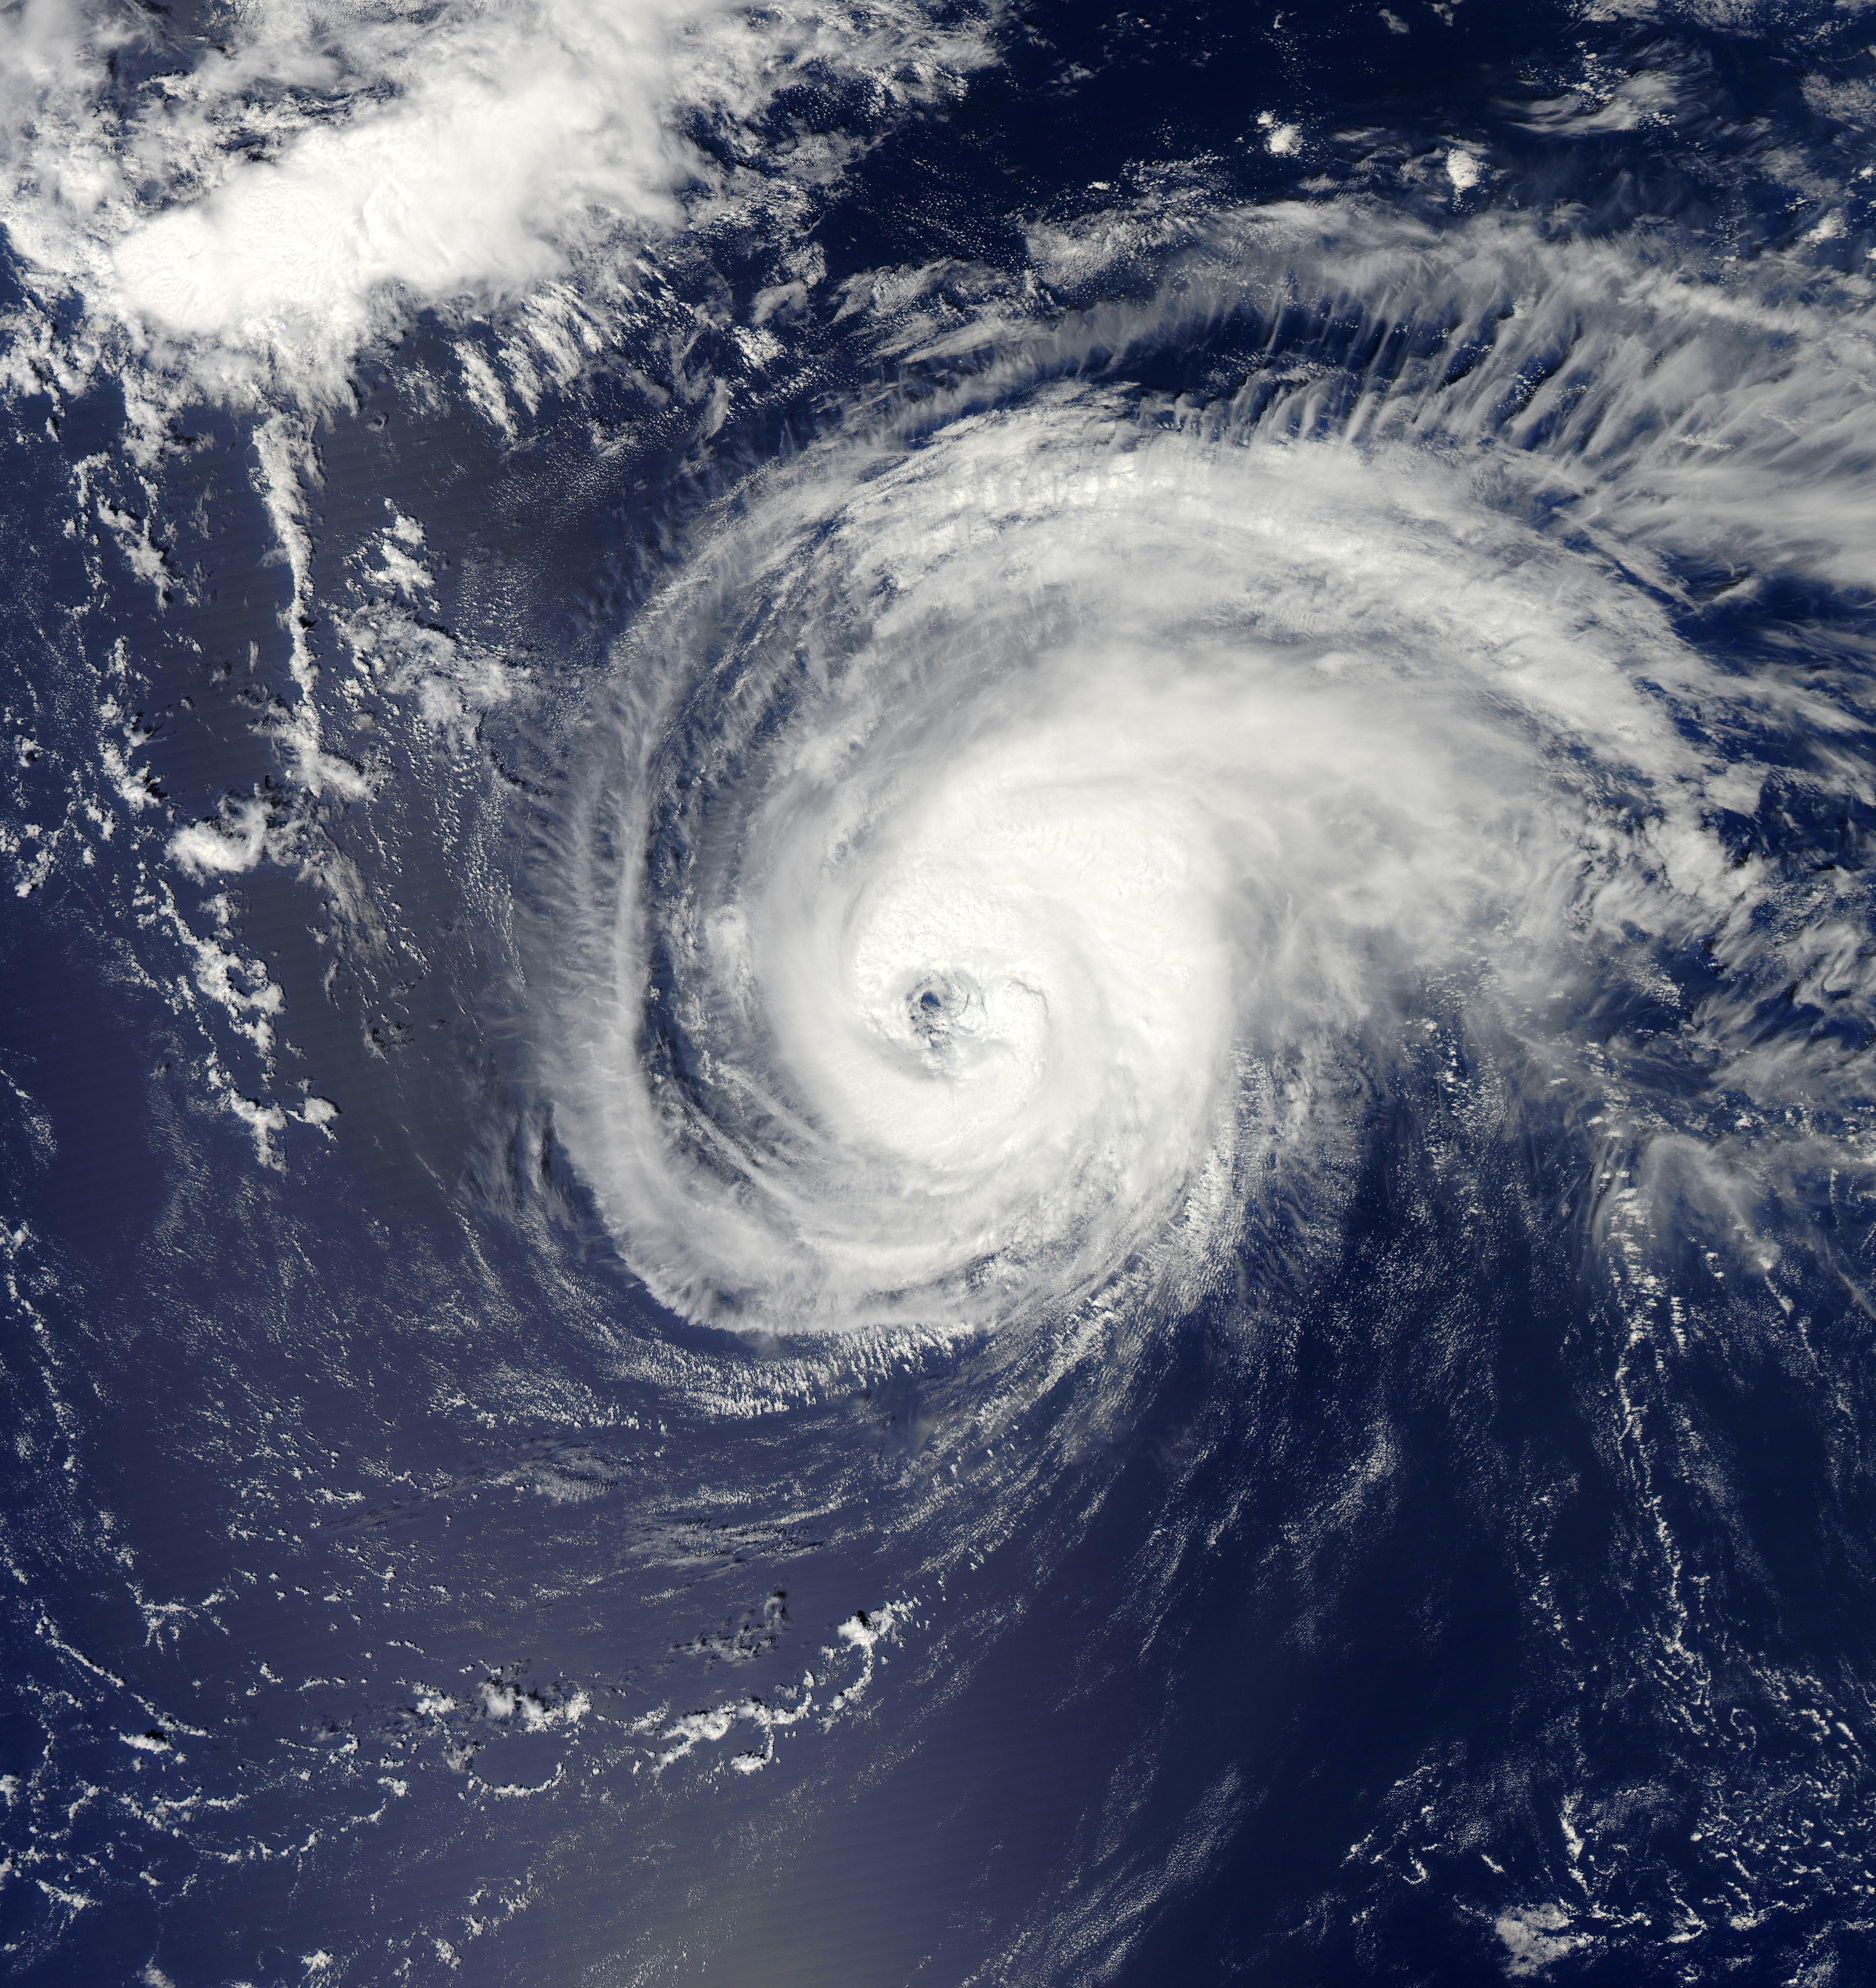 File:Gordon Aug 18 2012 15.50(UTC).jpg